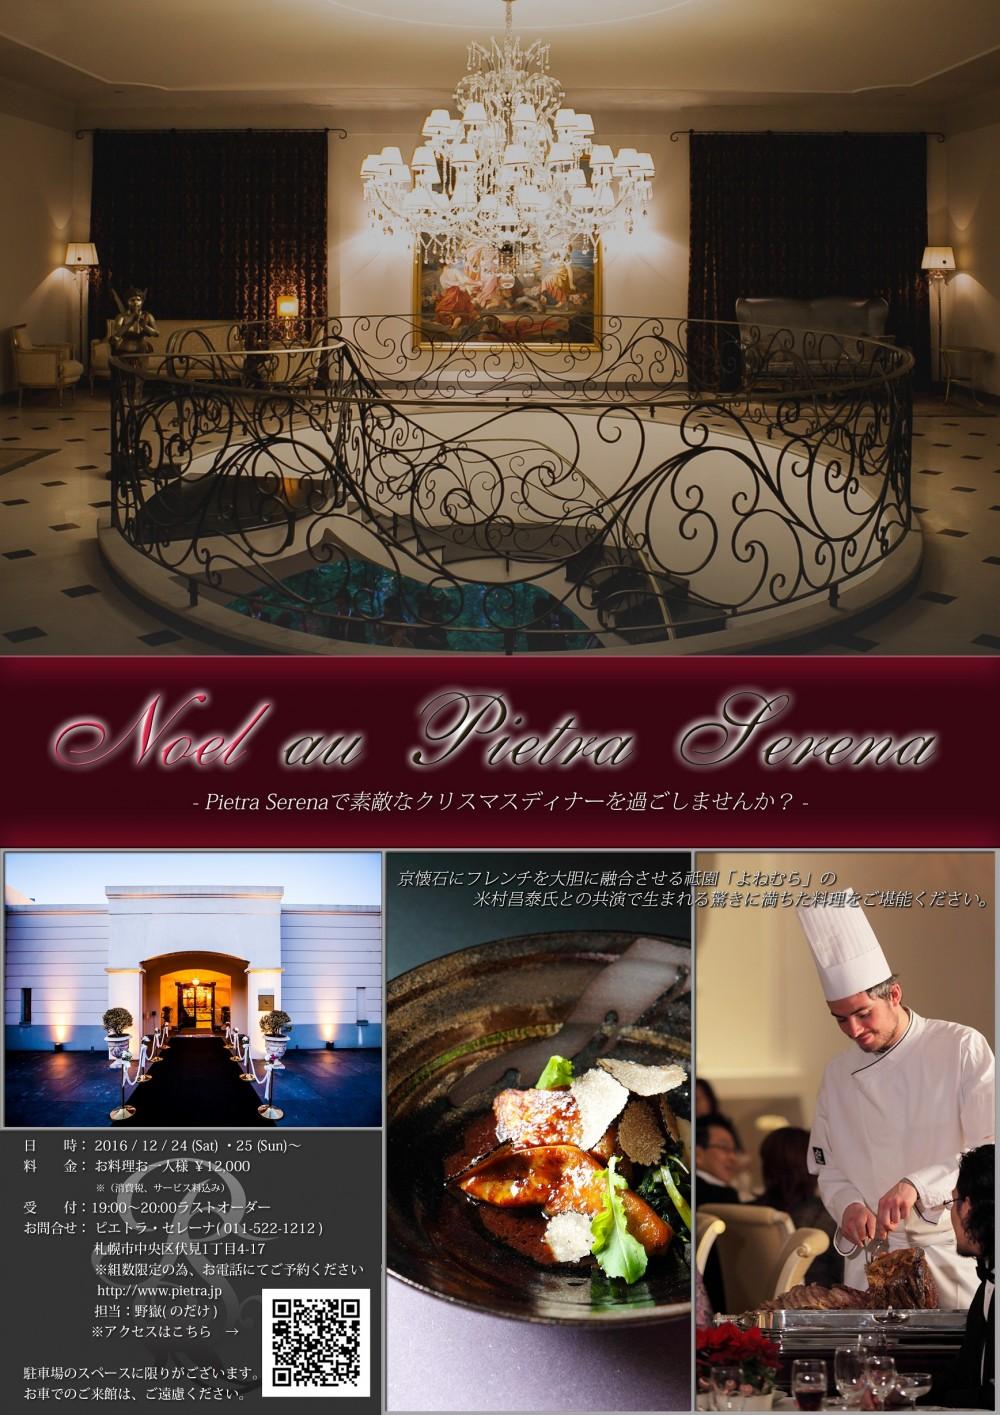 クリスマスディナー|ピエトラセレーナ